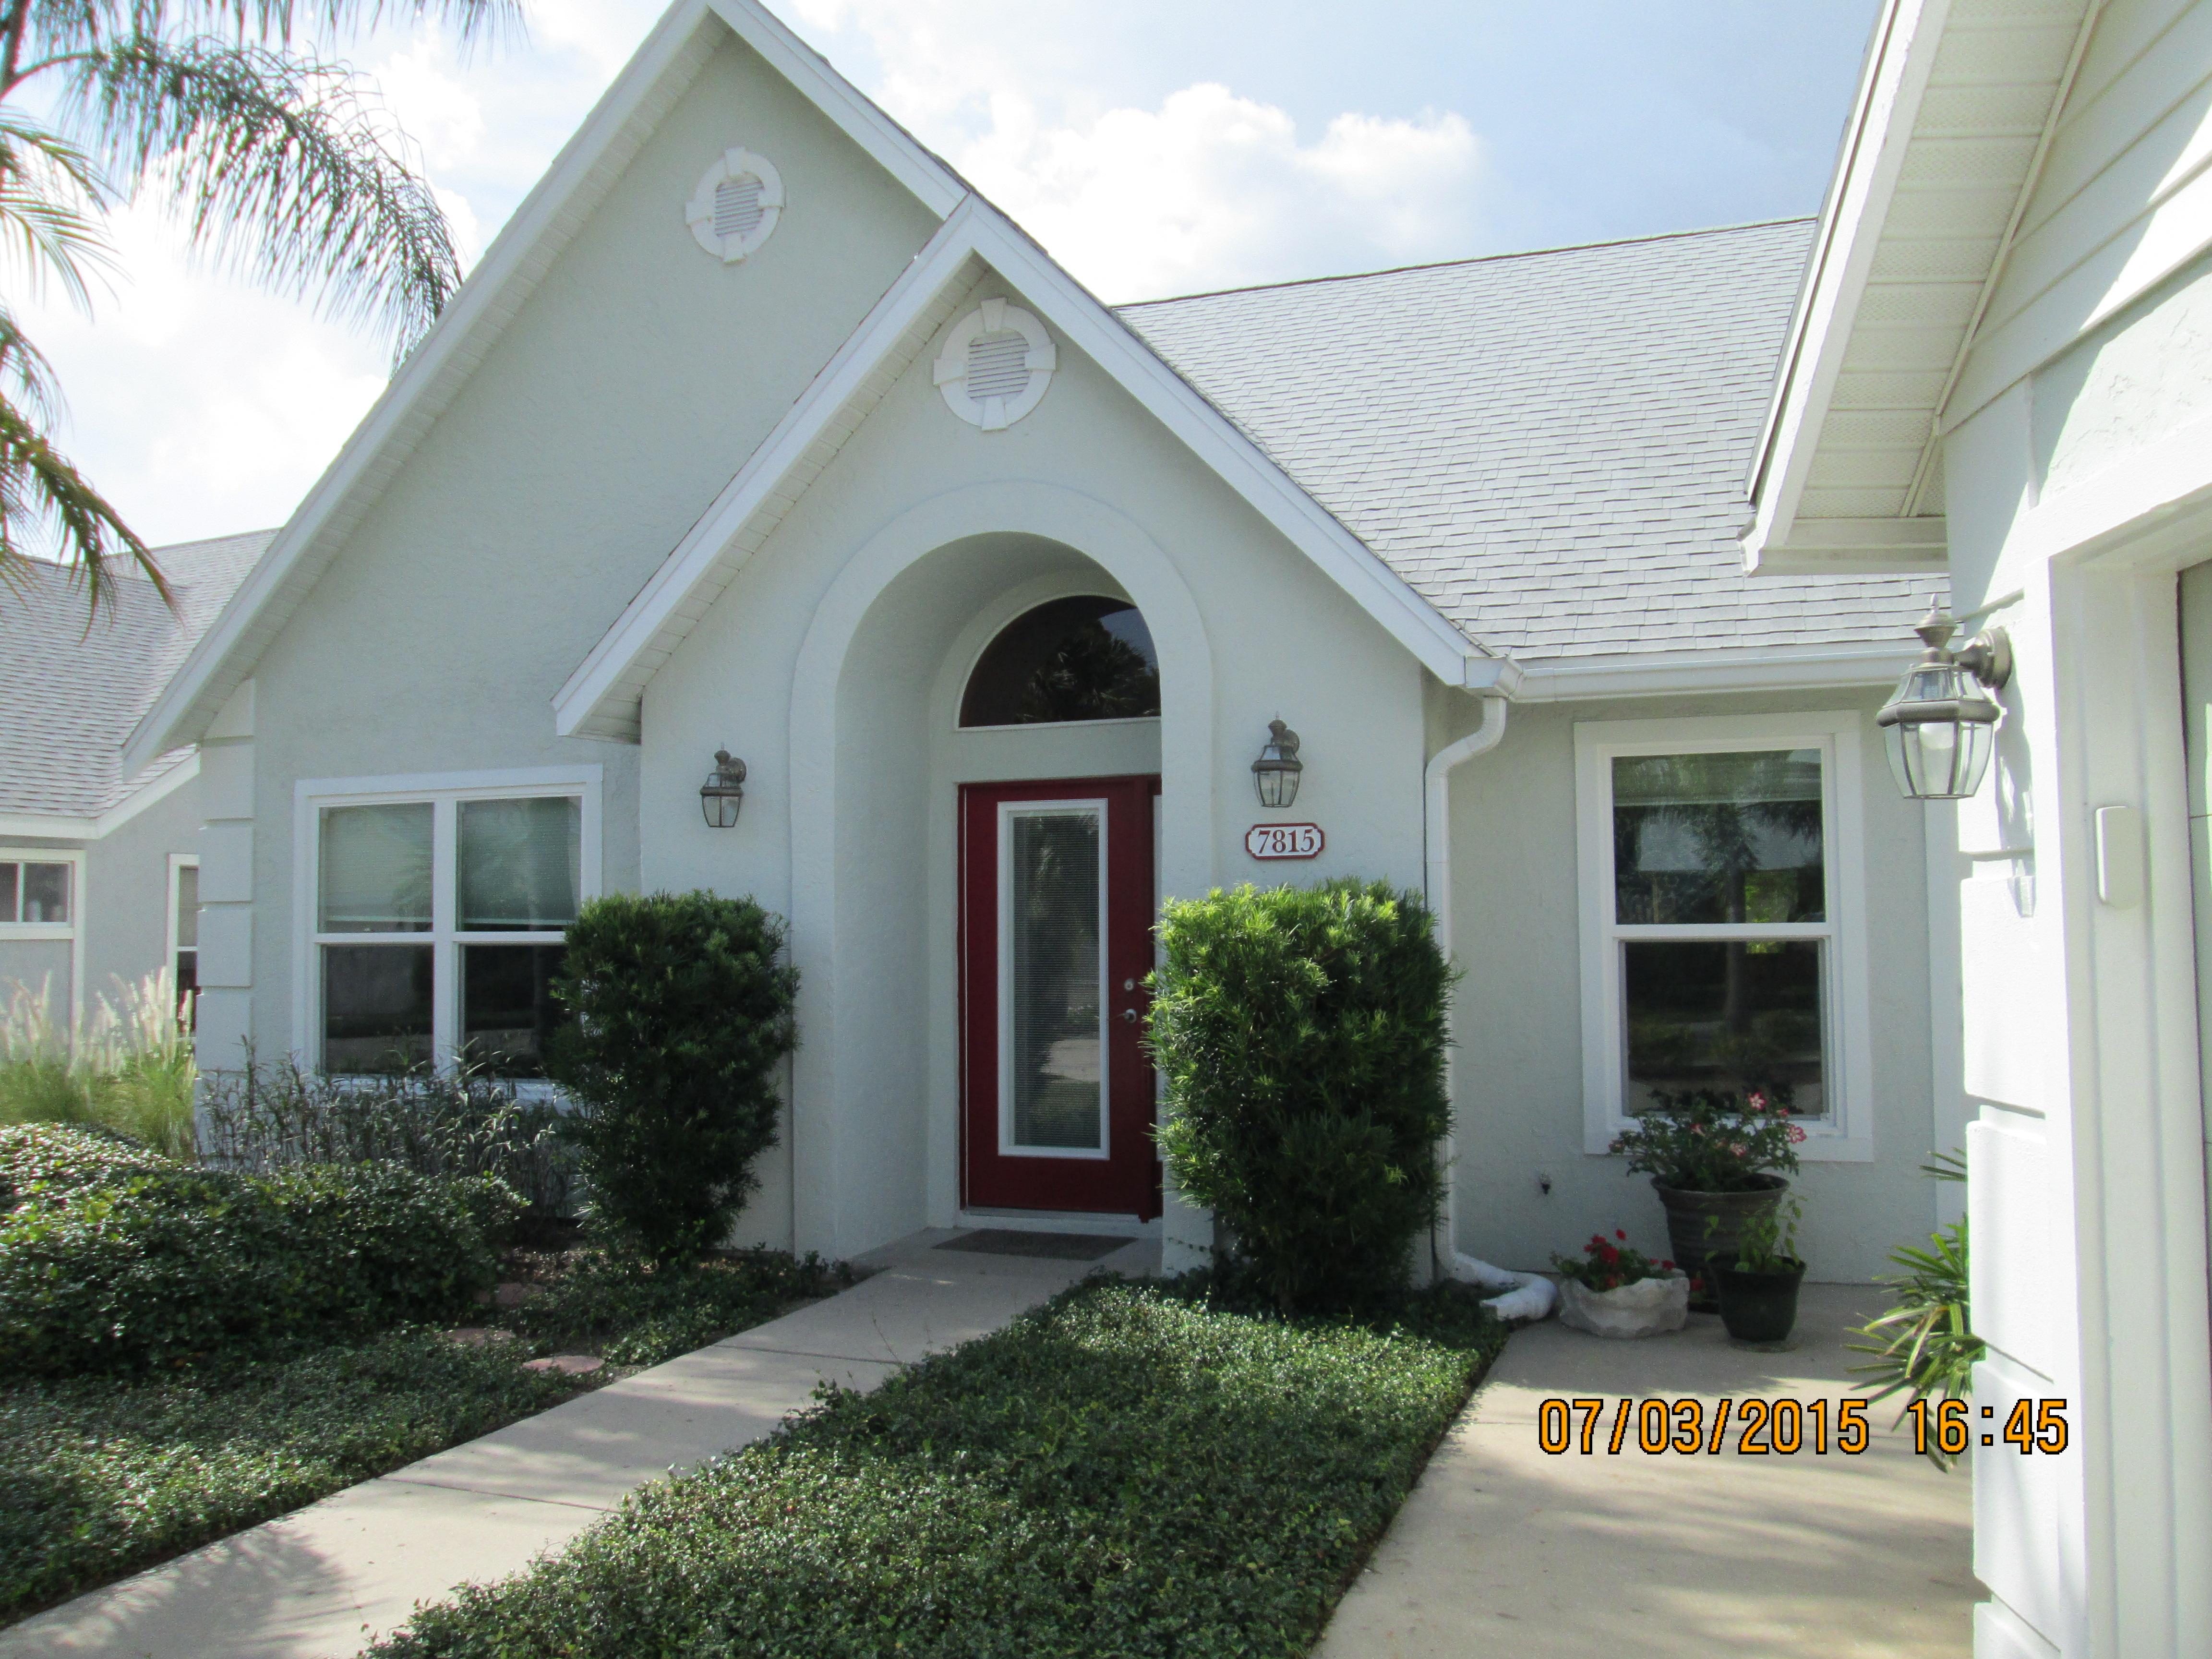 7815 Ontario St Cir, Sarasota, FL  34243